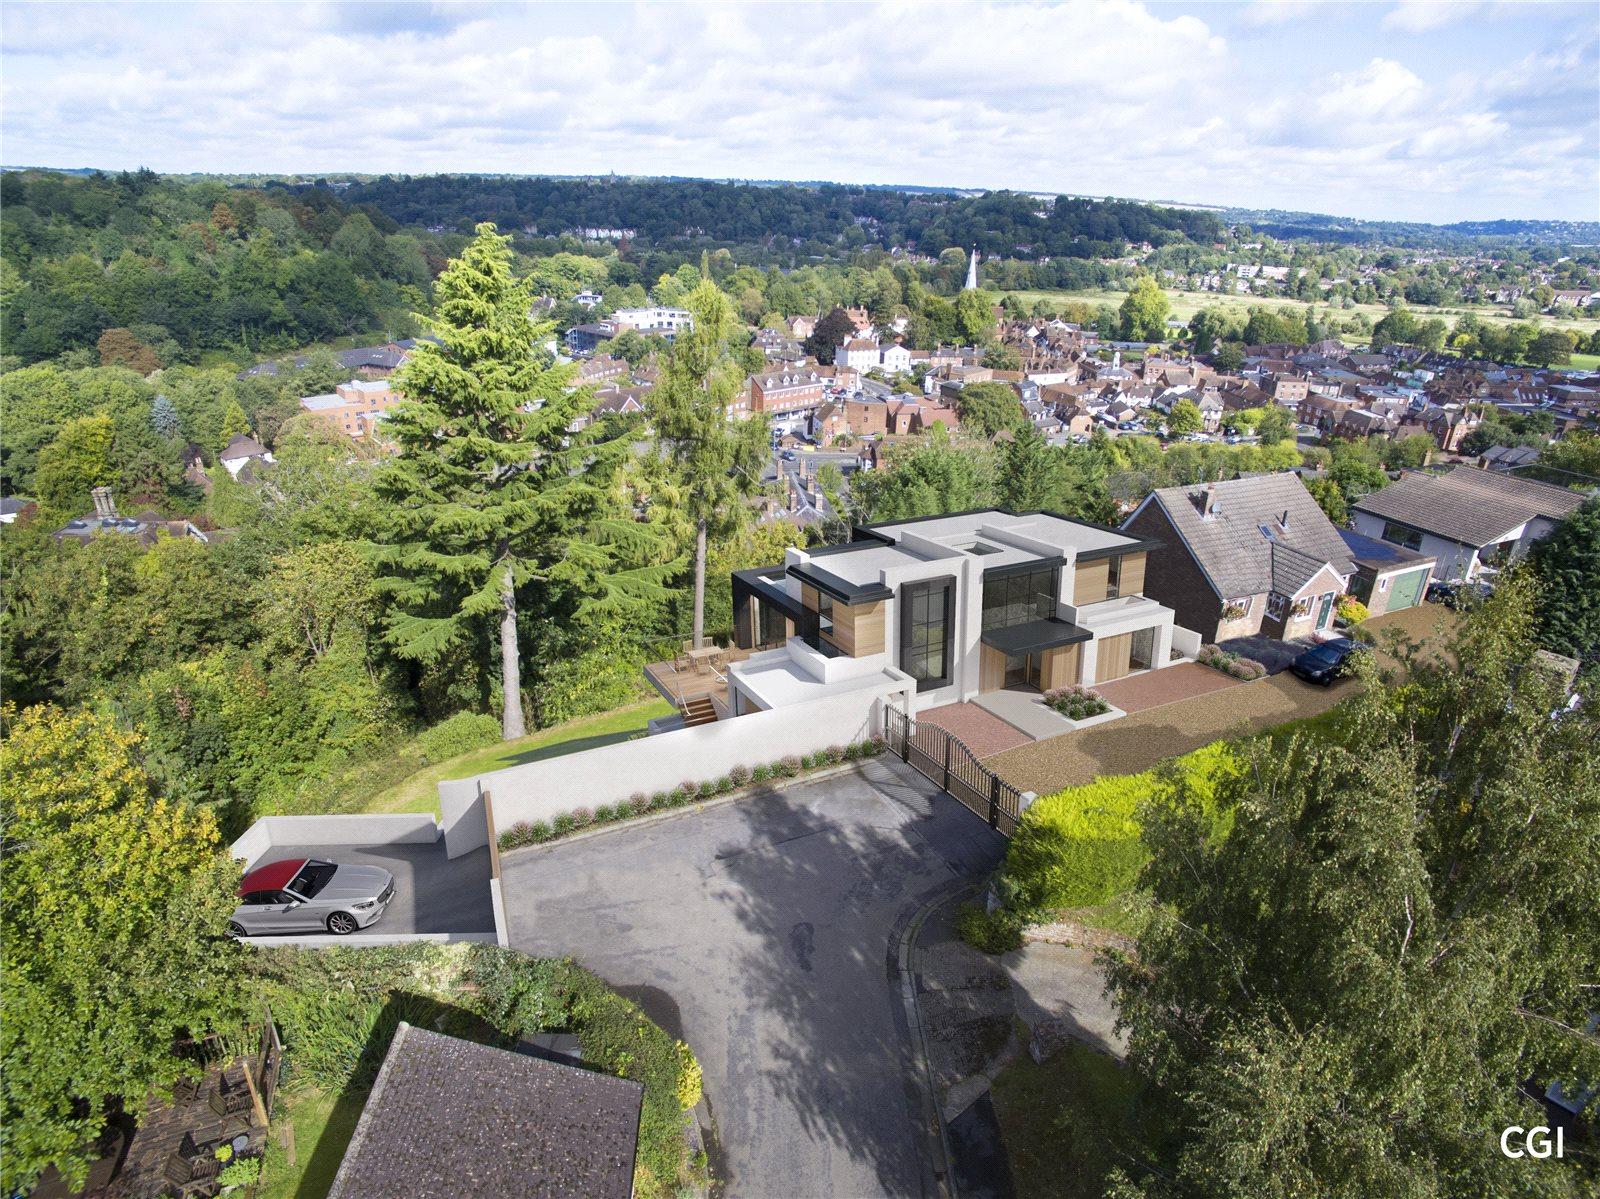 Частный дом для того Продажа на Summerhouse Close, Godalming, Surrey, GU7 Godalming, Англия